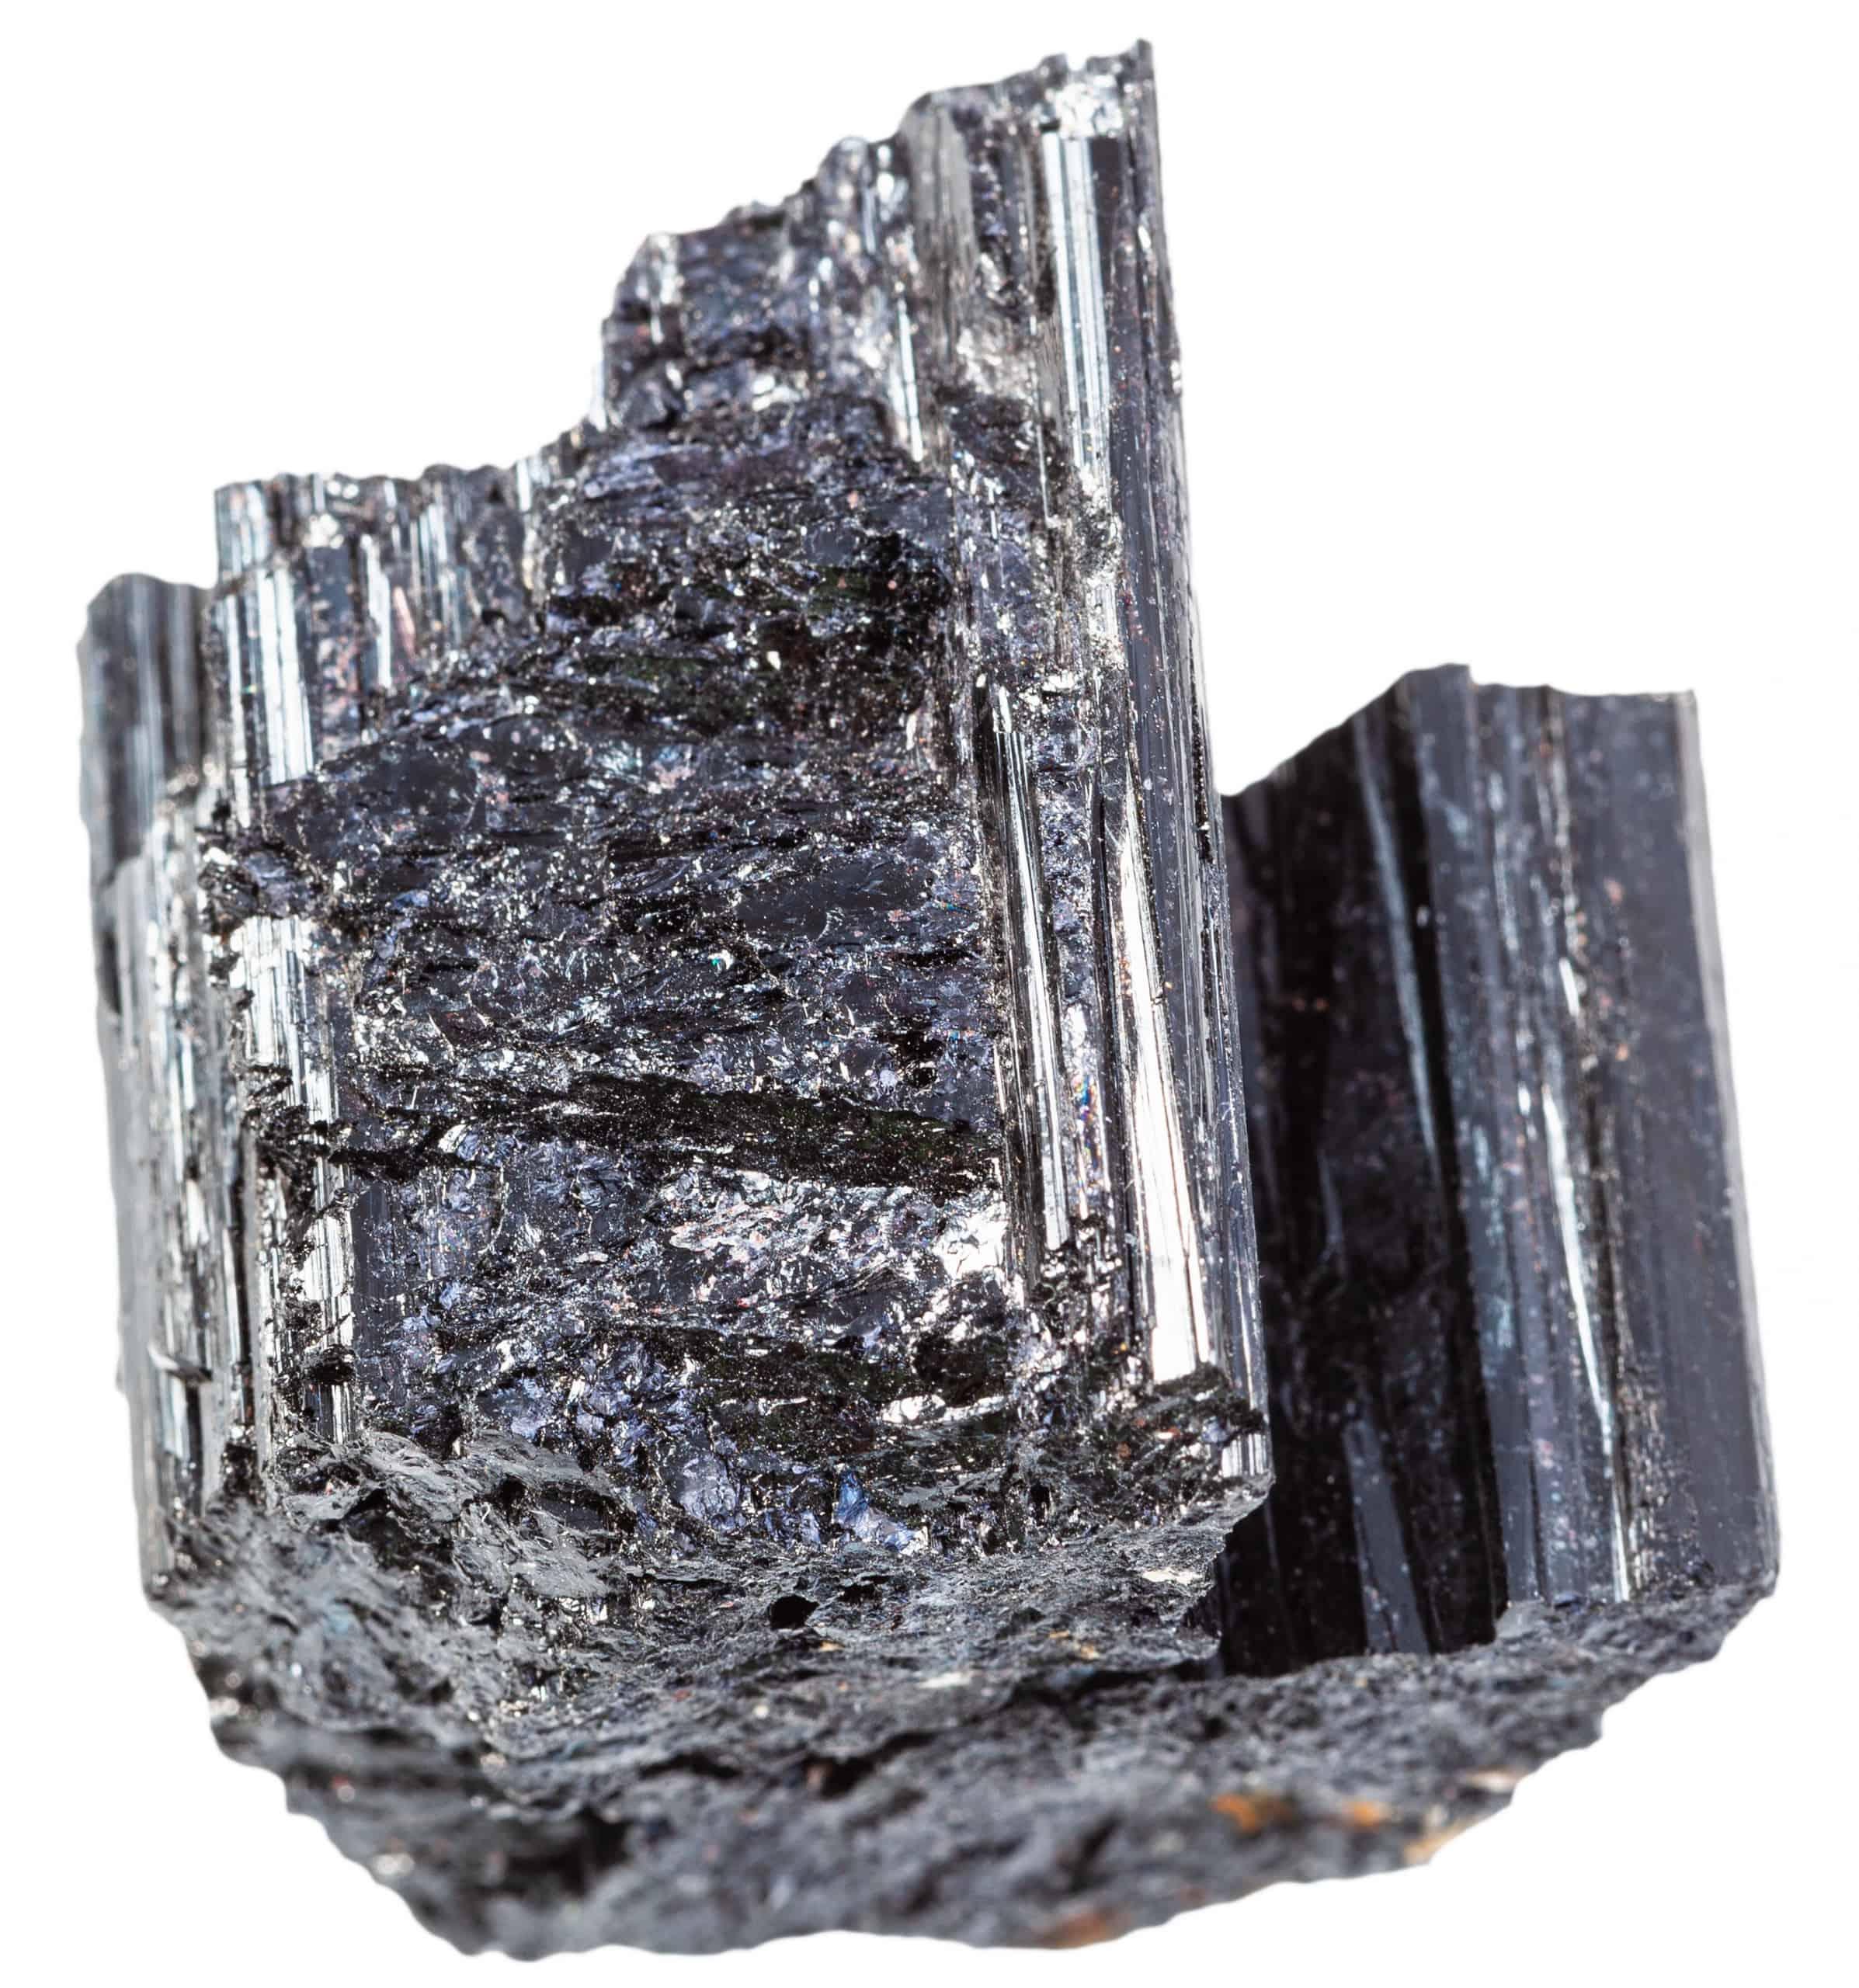 unpolished Schorl (black Tourmaline) rock isolated - positive mindset